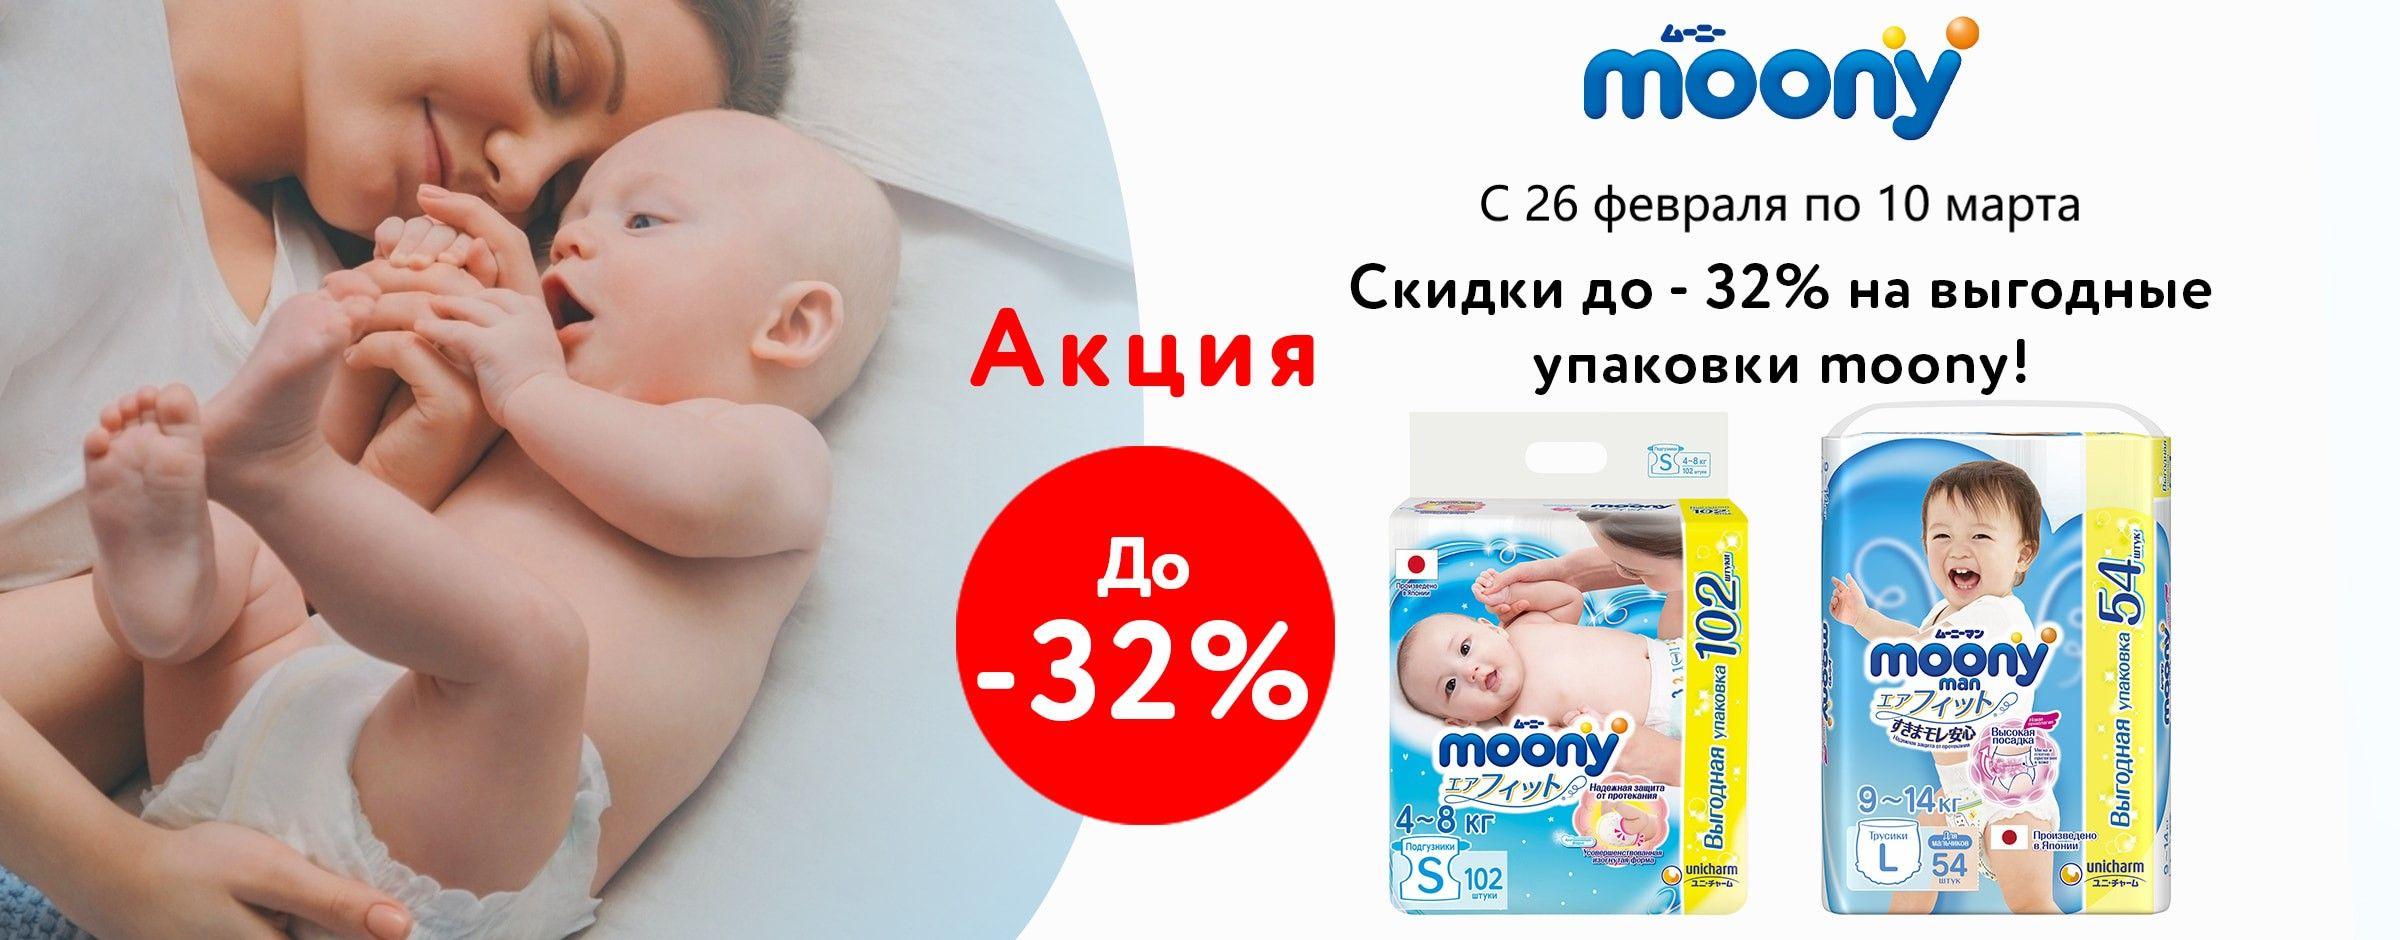 До 32% на выгодные упаковки Moony статика